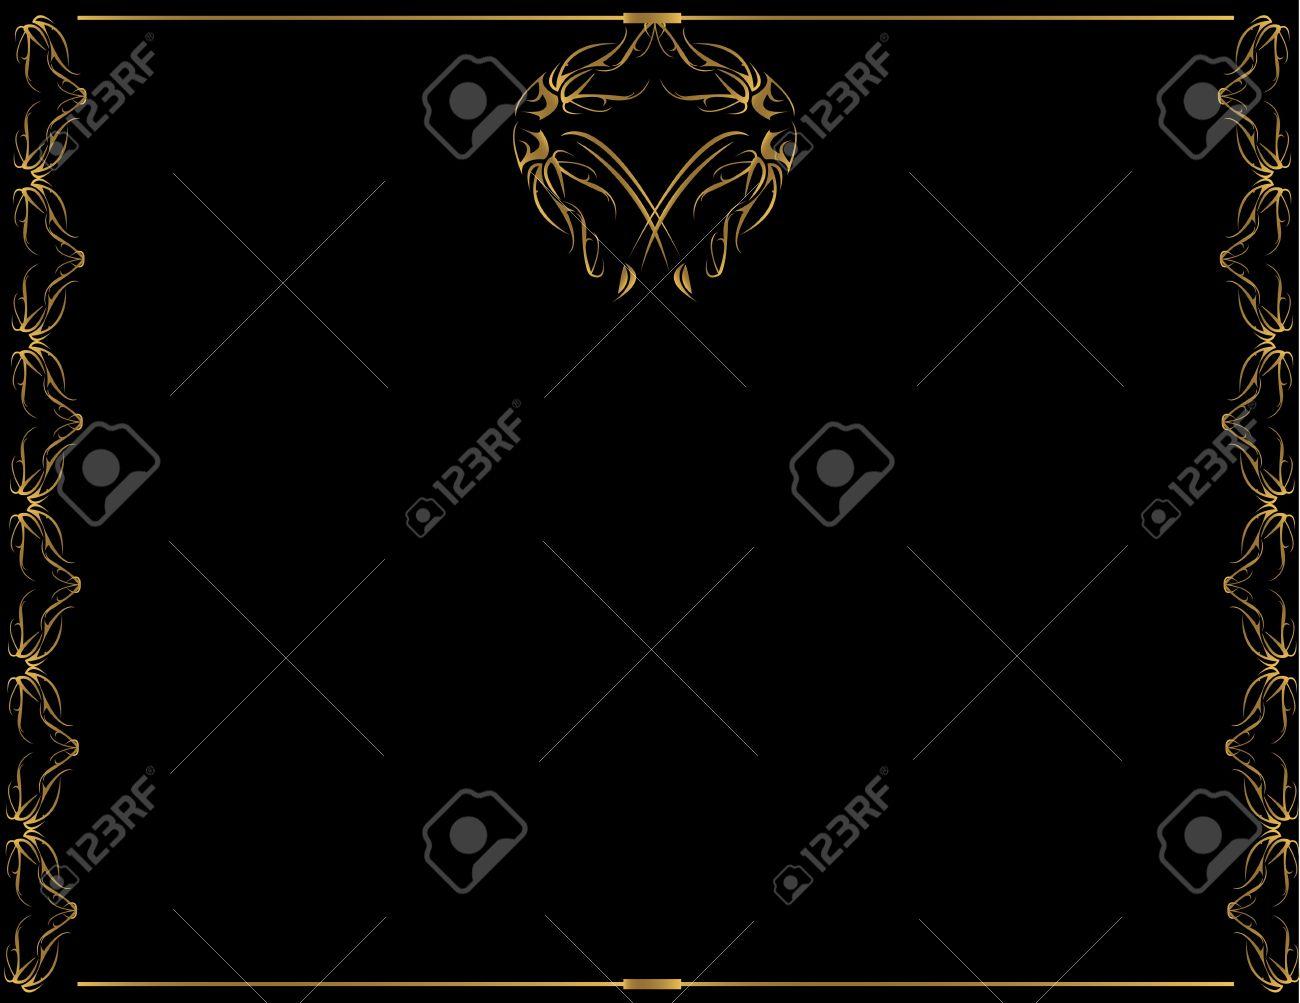 Gold frame design with black background - 3599493